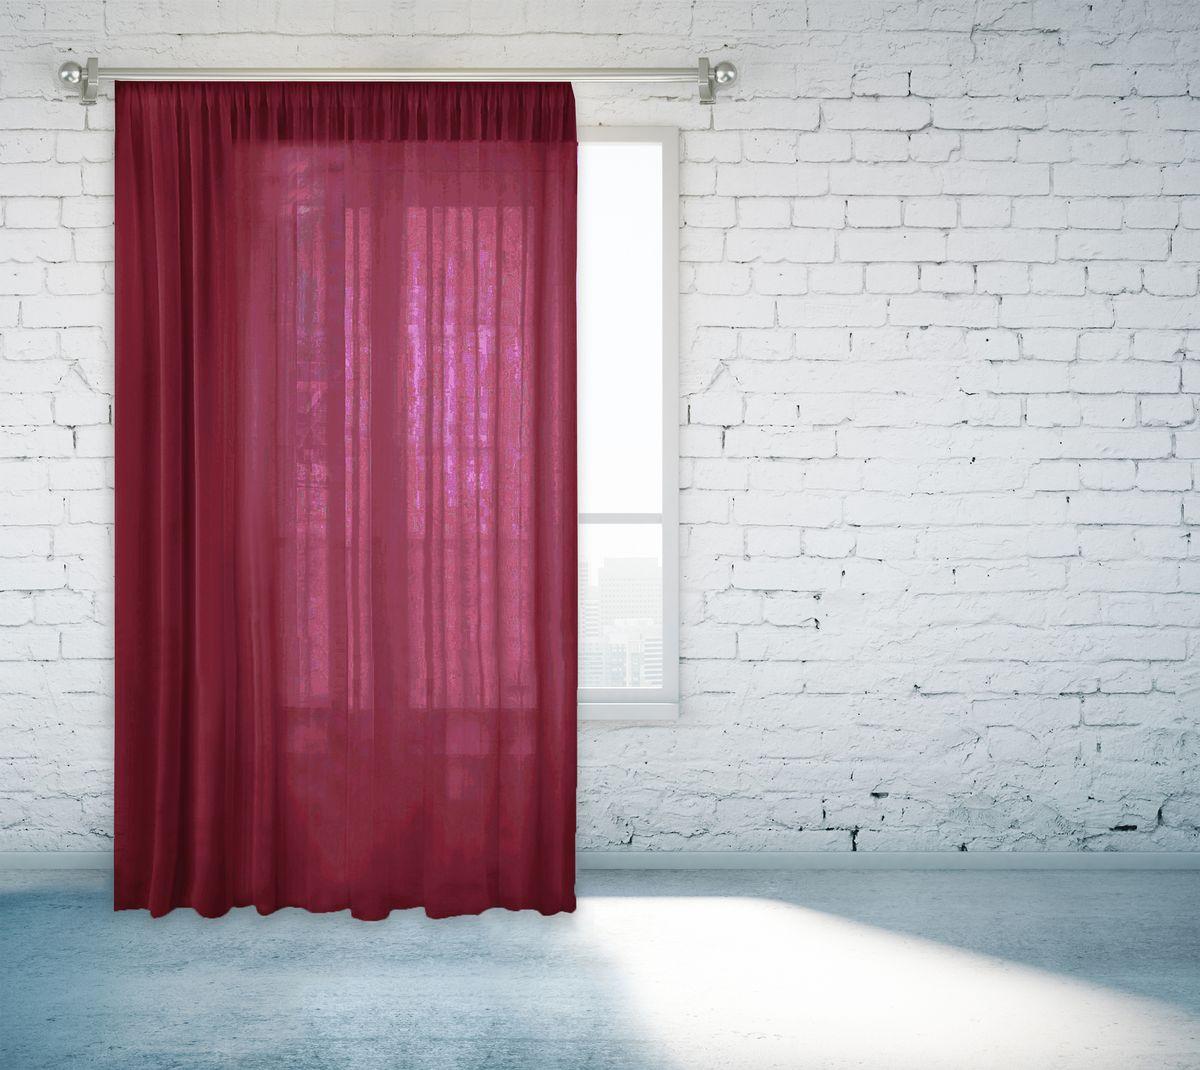 Тюль Zlata Korunka, на ленте, цвет: бордовый, высота 260 см55670-13Тюль Zlata Korunka изготовлен из 100% полиэстера и великолепно украсит любое окно. Воздушная ткань и приятная, приглушенная гамма привлекут к себе внимание и органично впишутся в интерьер помещения. Полиэстер - вид ткани, состоящий из полиэфирных волокон. Ткани из полиэстера - легкие, прочные и износостойкие. Такие изделия не требуют специального ухода, не пылятся и почти не мнутся.Крепление к карнизу осуществляется с использованием тесьмы. Такой тюль идеально оформит интерьер любого помещения.